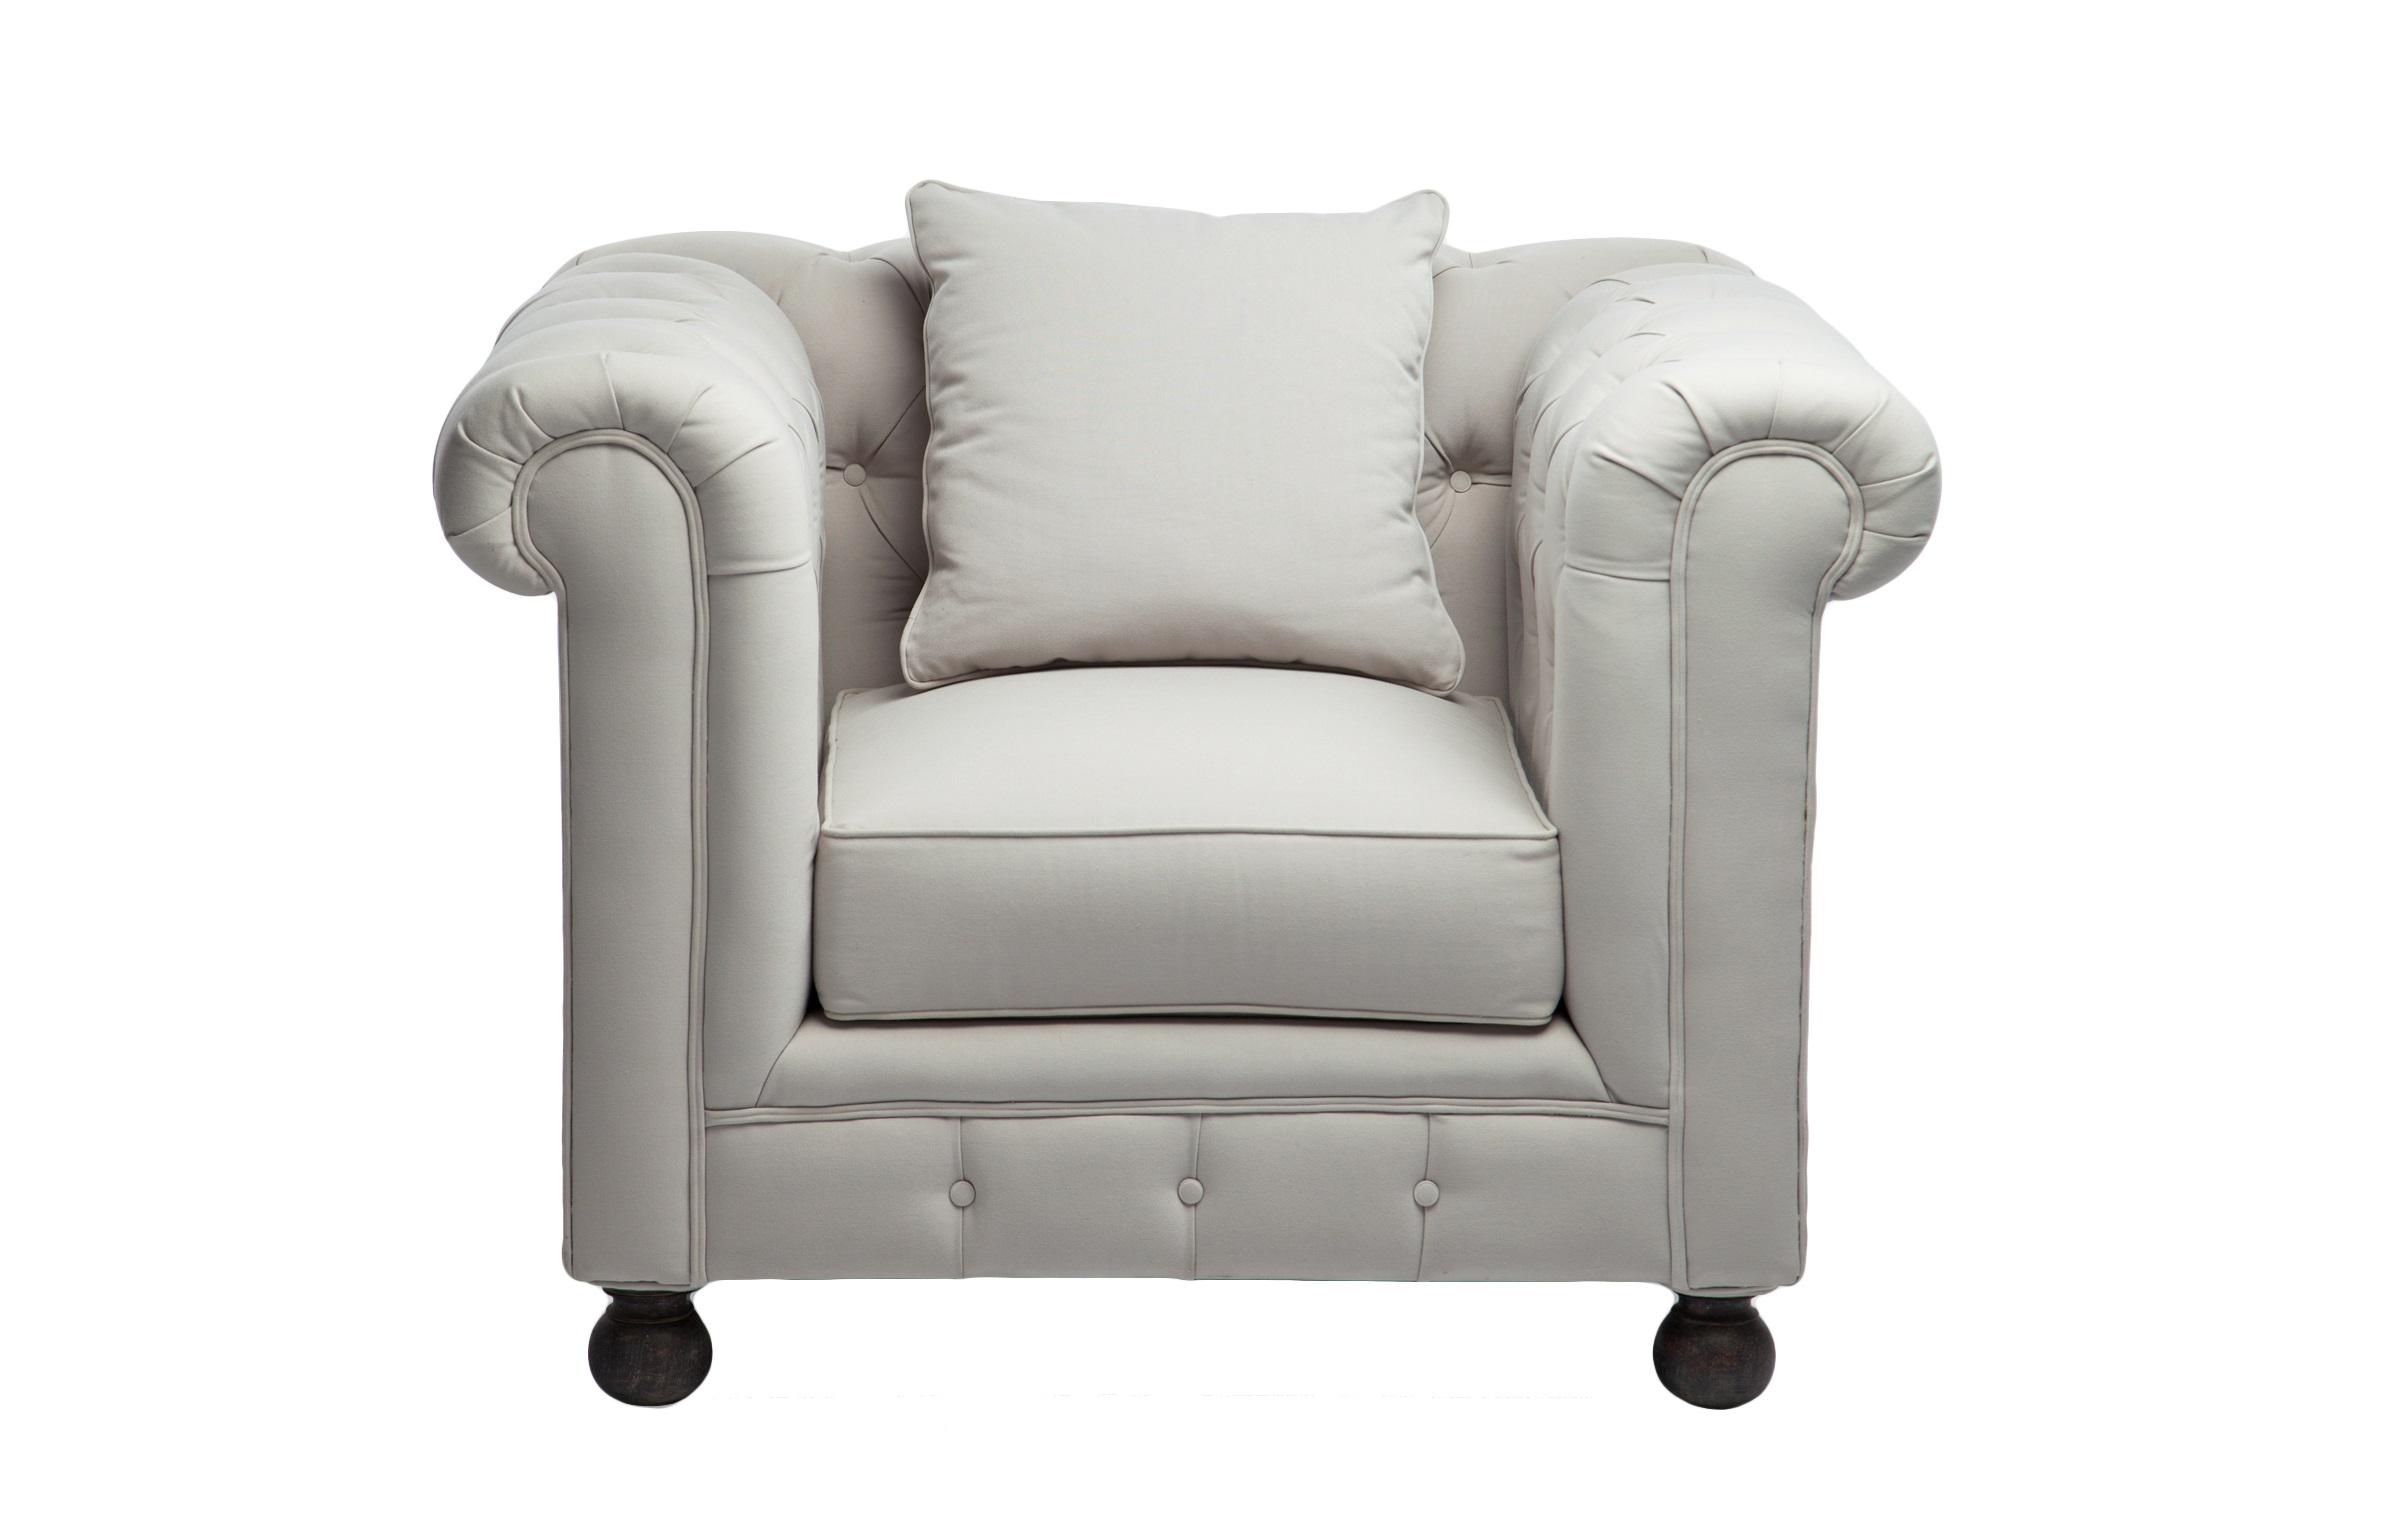 Кресло «Честерфилд»Интерьерные кресла<br>Классическая модель, декорированная стёжкой капитоне, серо-голубая обивка, круглые ножки цвета венге.<br><br>Material: Текстиль<br>Width см: 110<br>Depth см: 93<br>Height см: 89